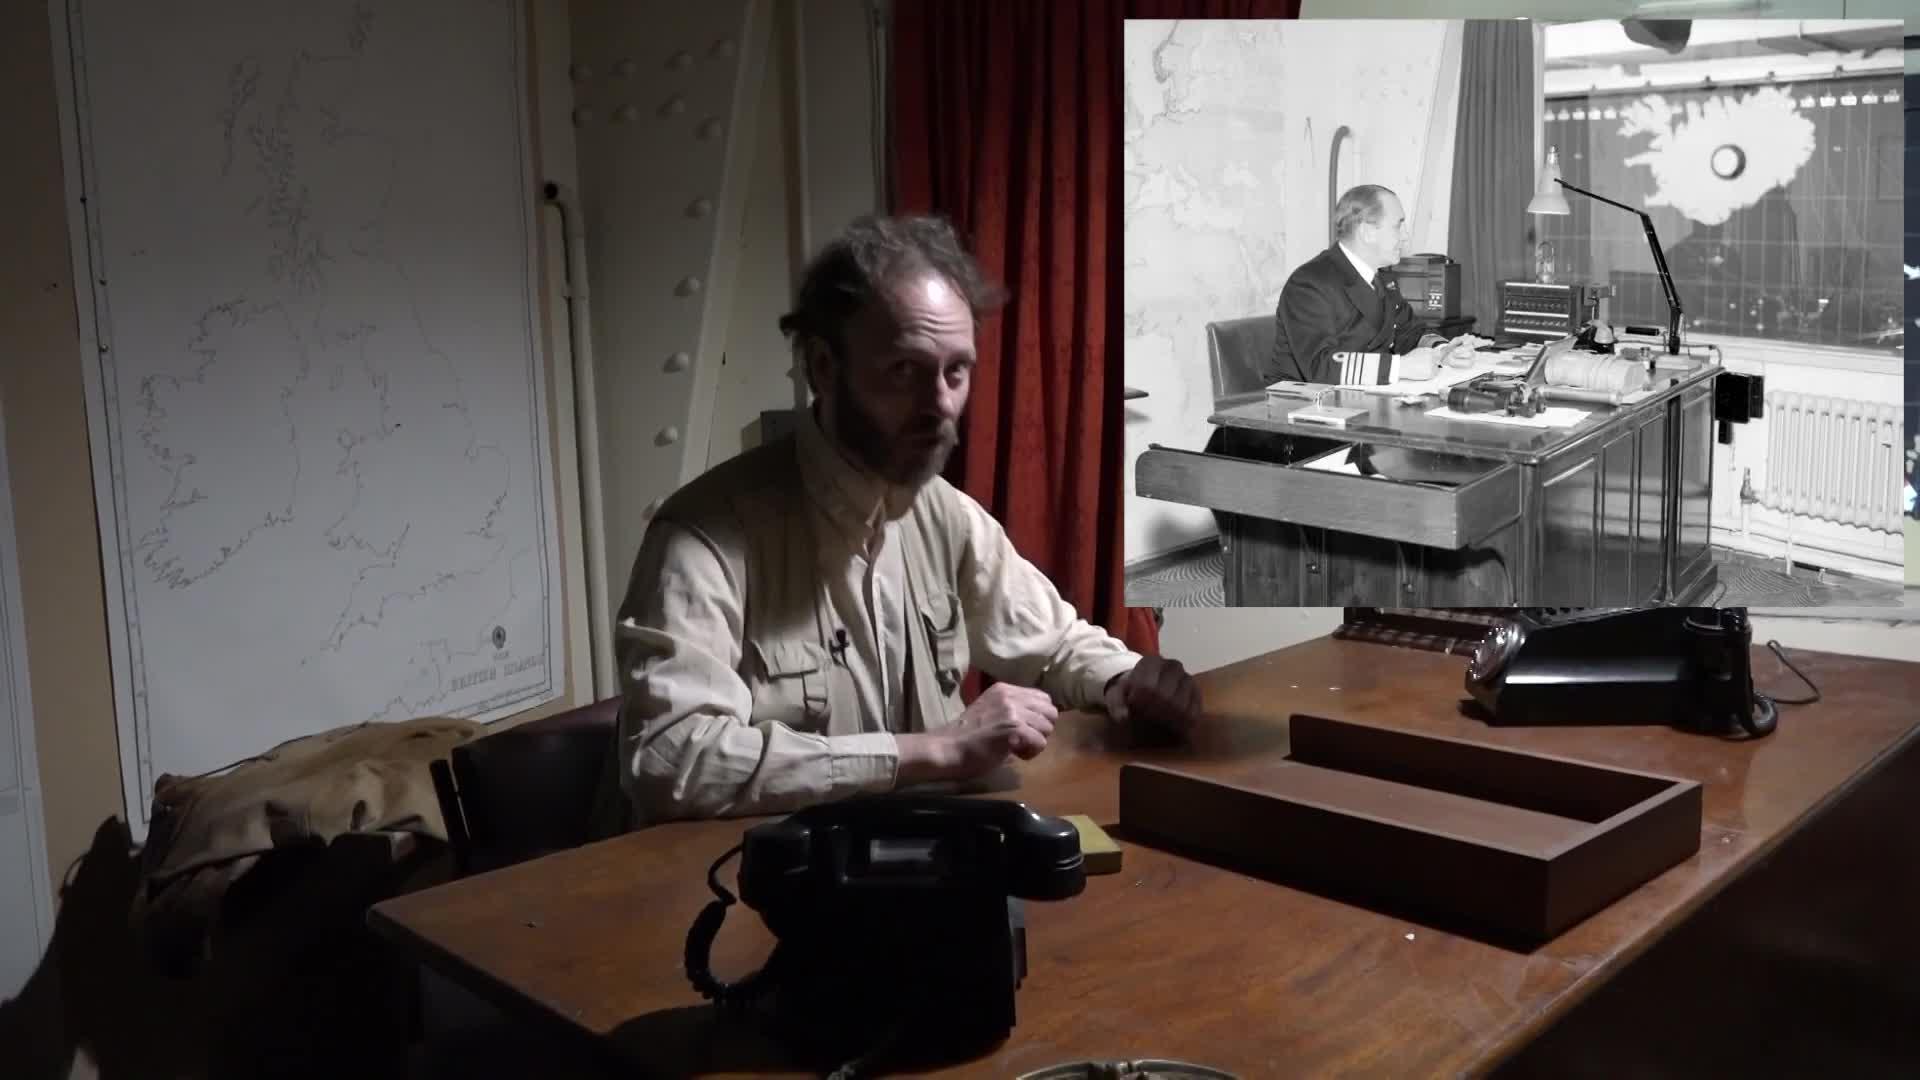 MRW I'm explaining the tragic history of the war that shrunk Iceland. (reddit) GIFs